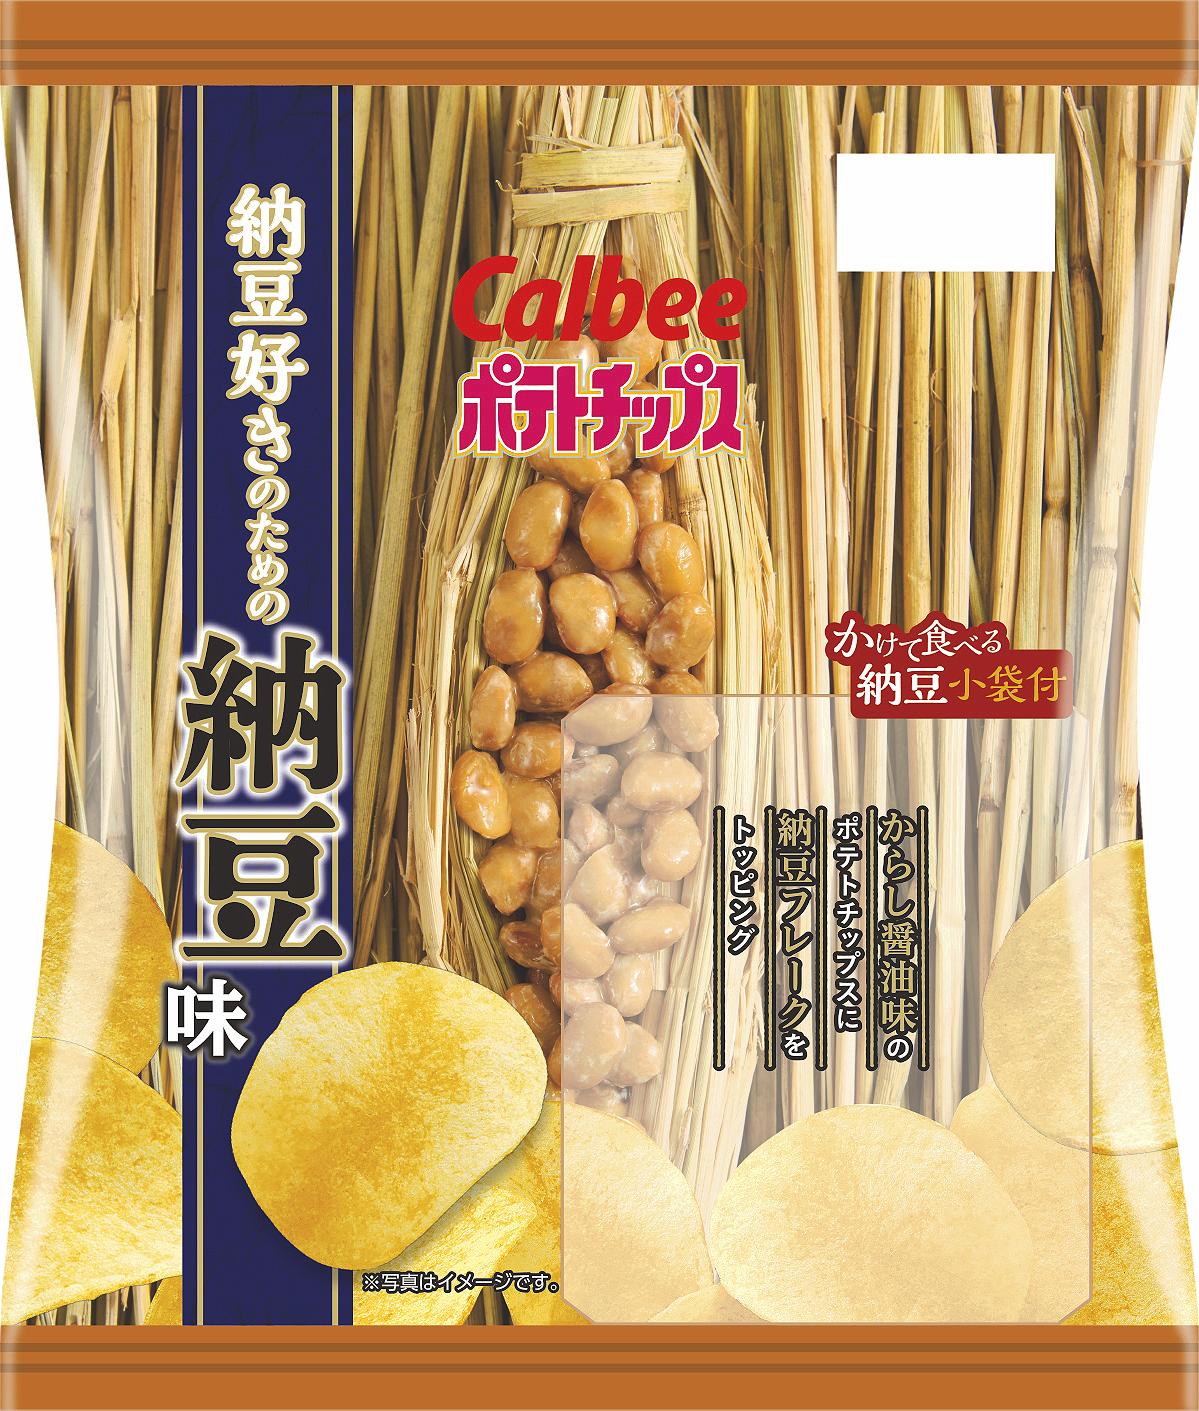 ポテトチップス 納豆好きのための納豆味